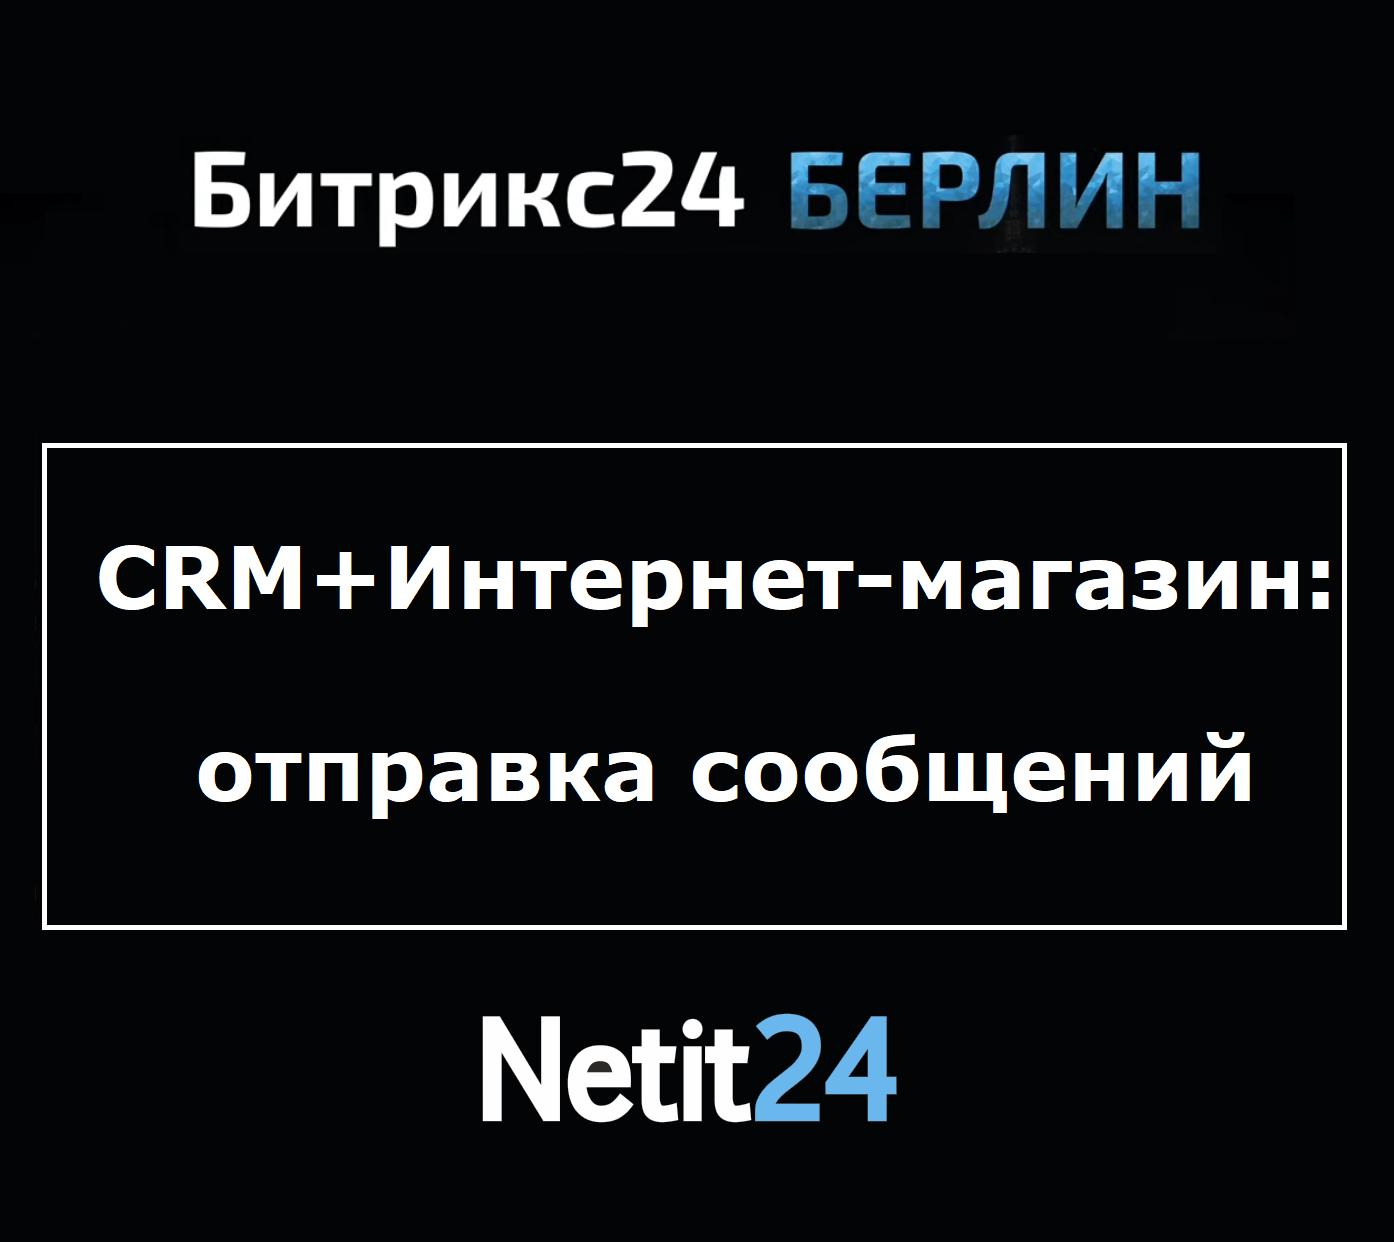 Битрикс.CRM и интернет-магазин отправка сообщений через СМС и воцап Netit24